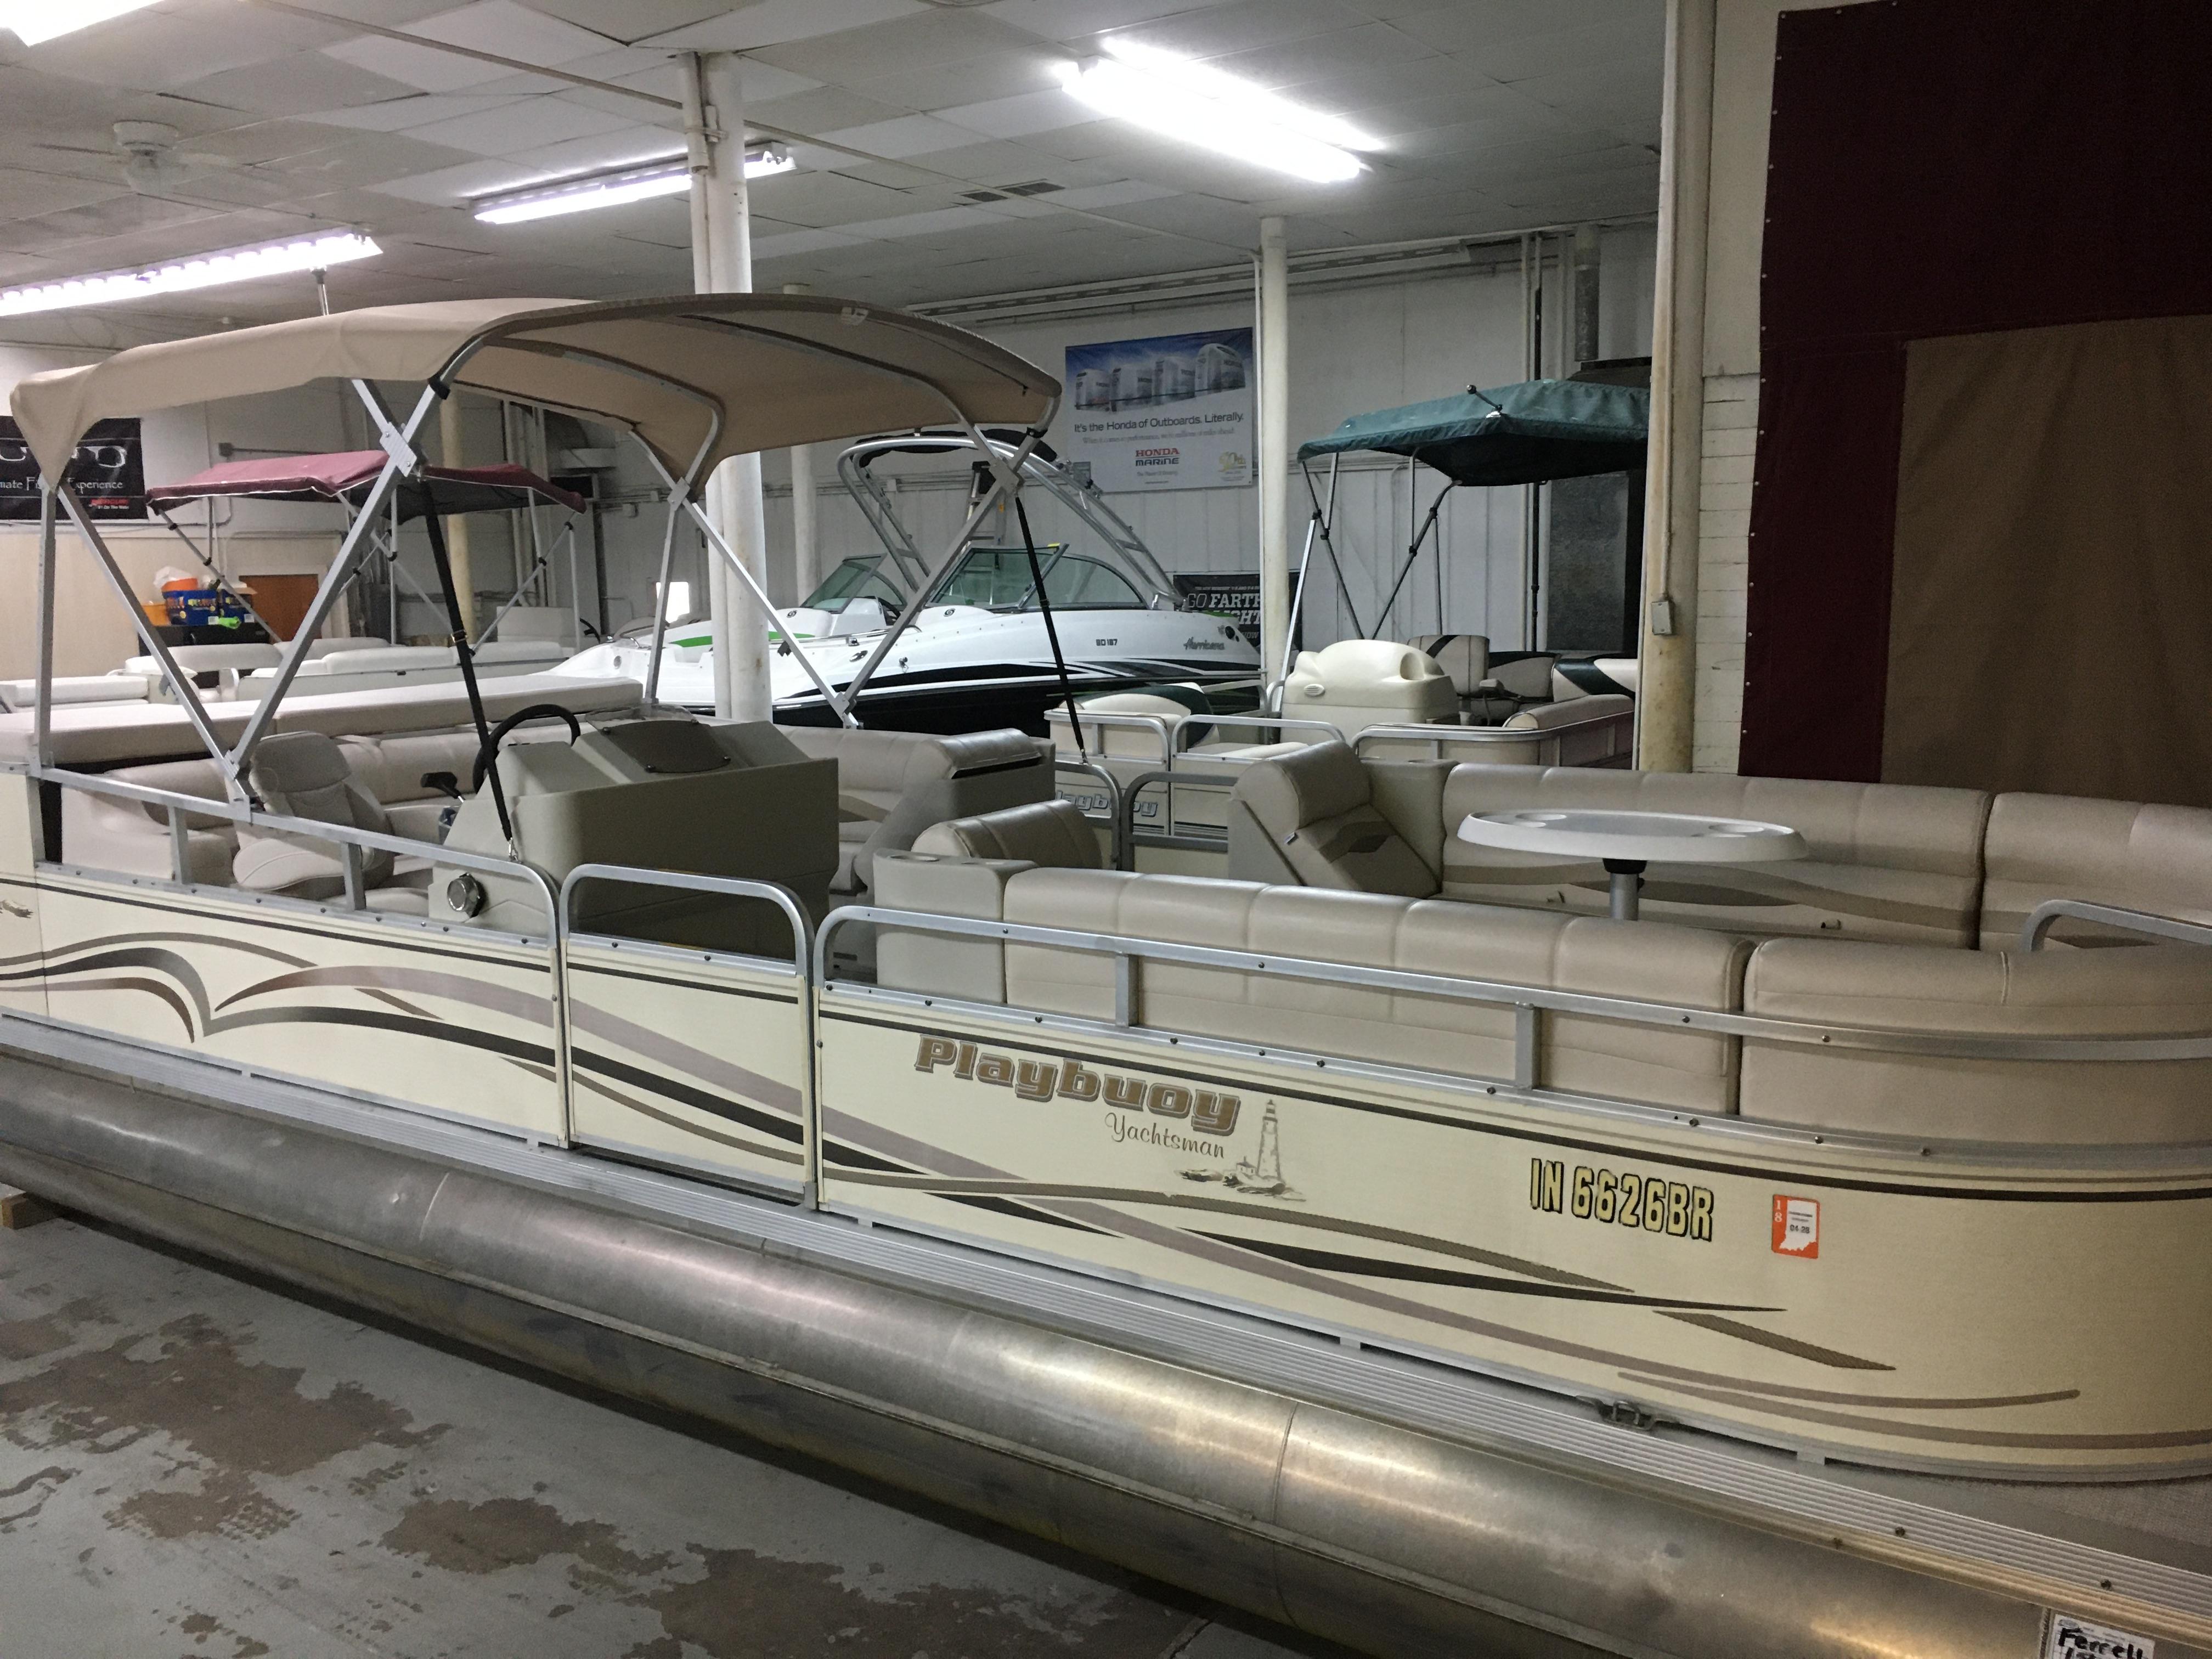 Playbuoy Yachtsman 2523